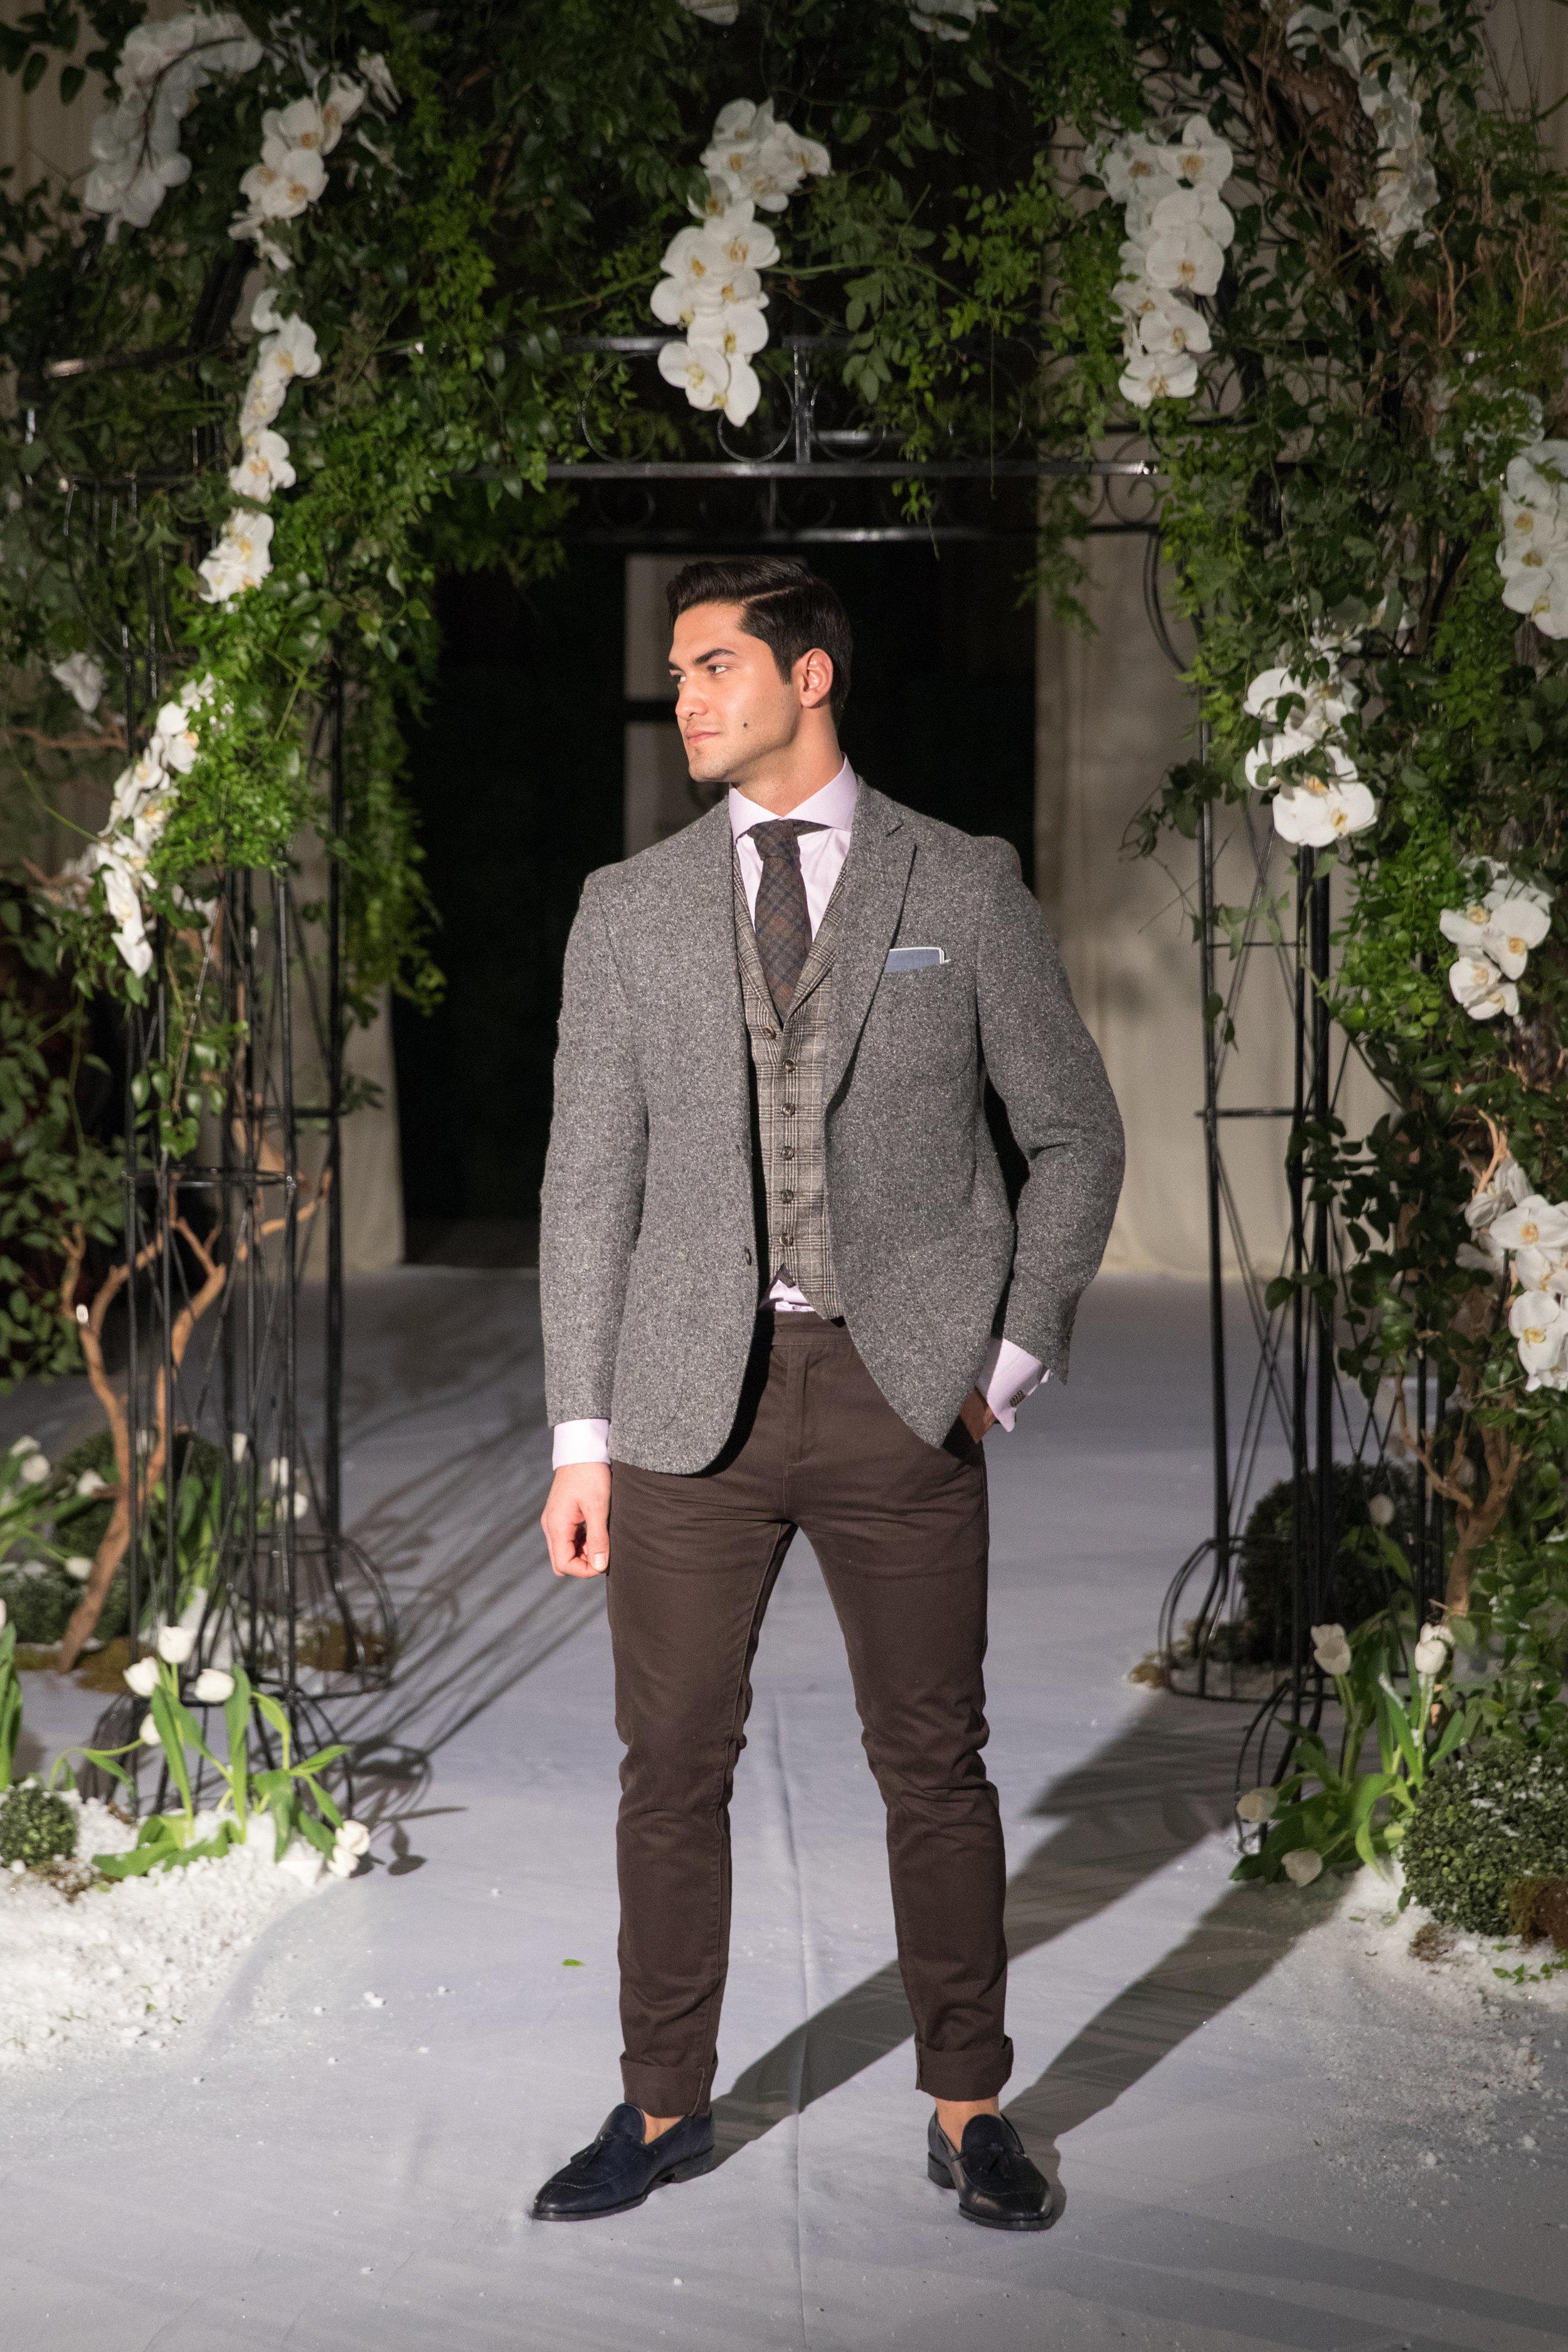 custom tweed vest and sport coat